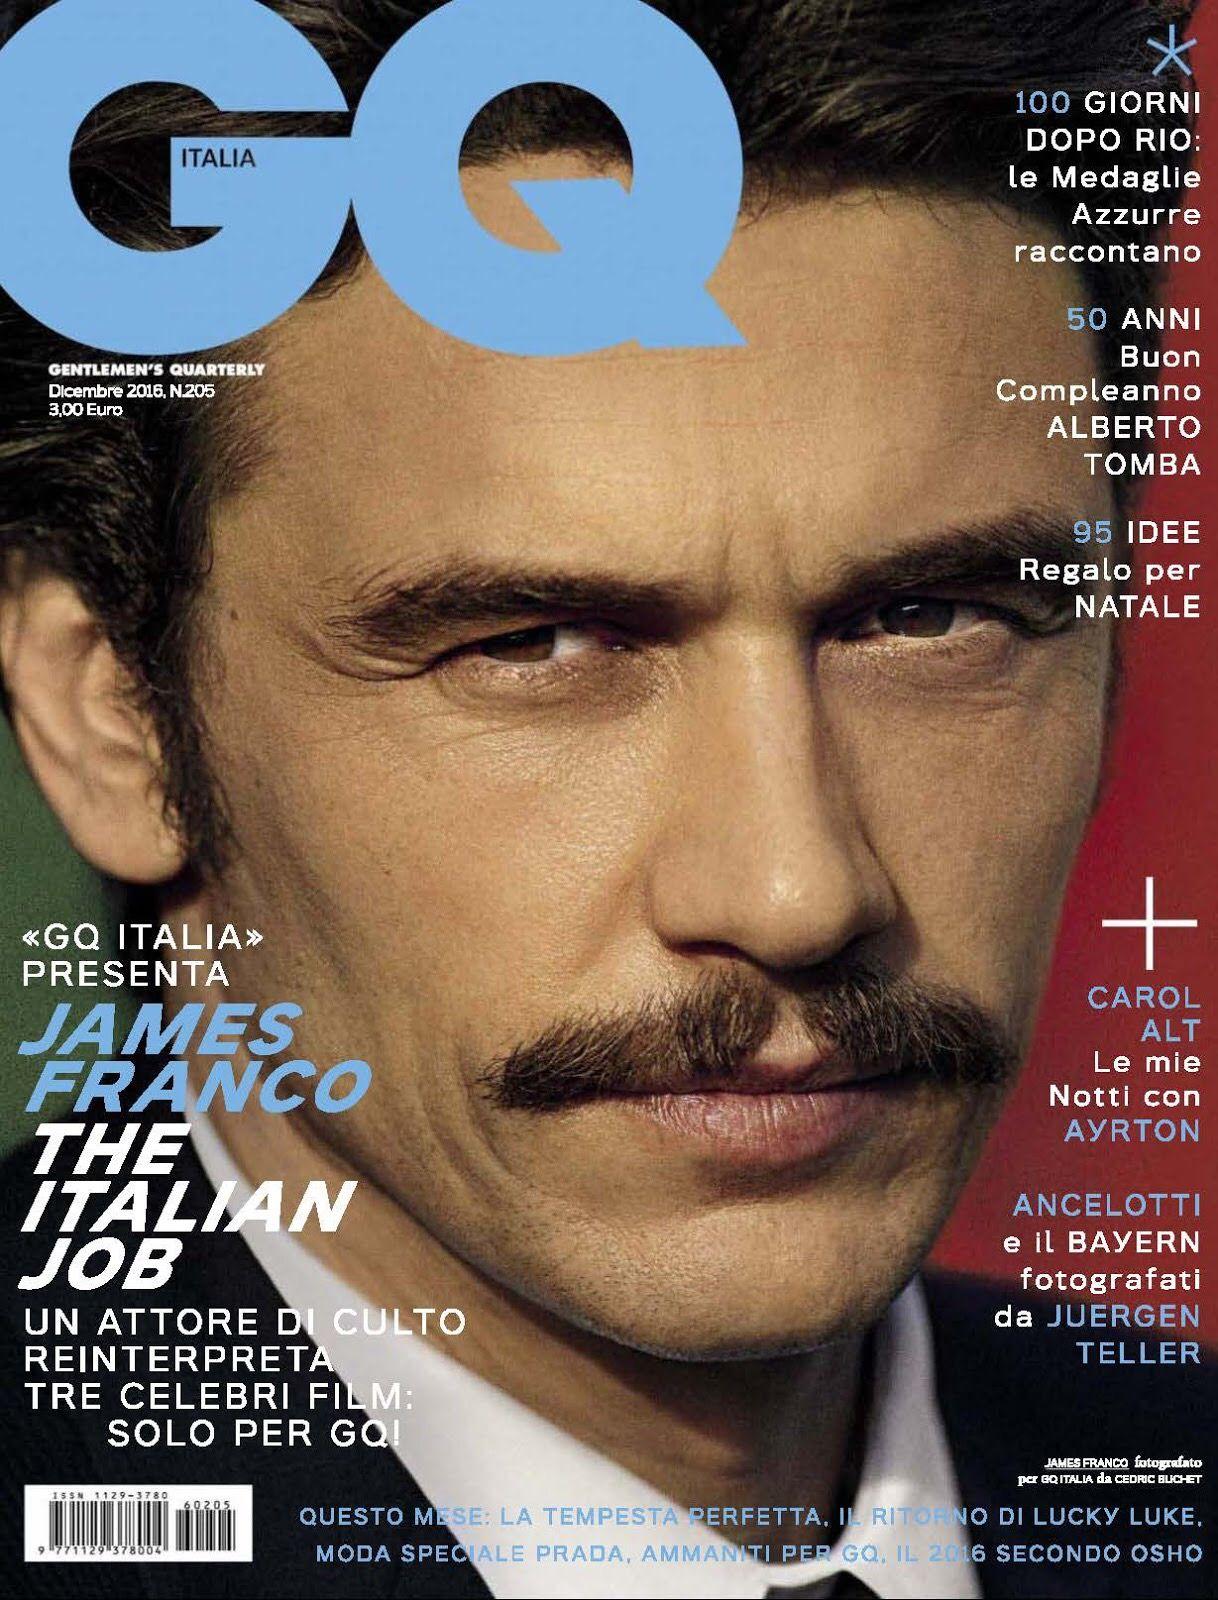 GQ表紙のジェームズ・フランコ